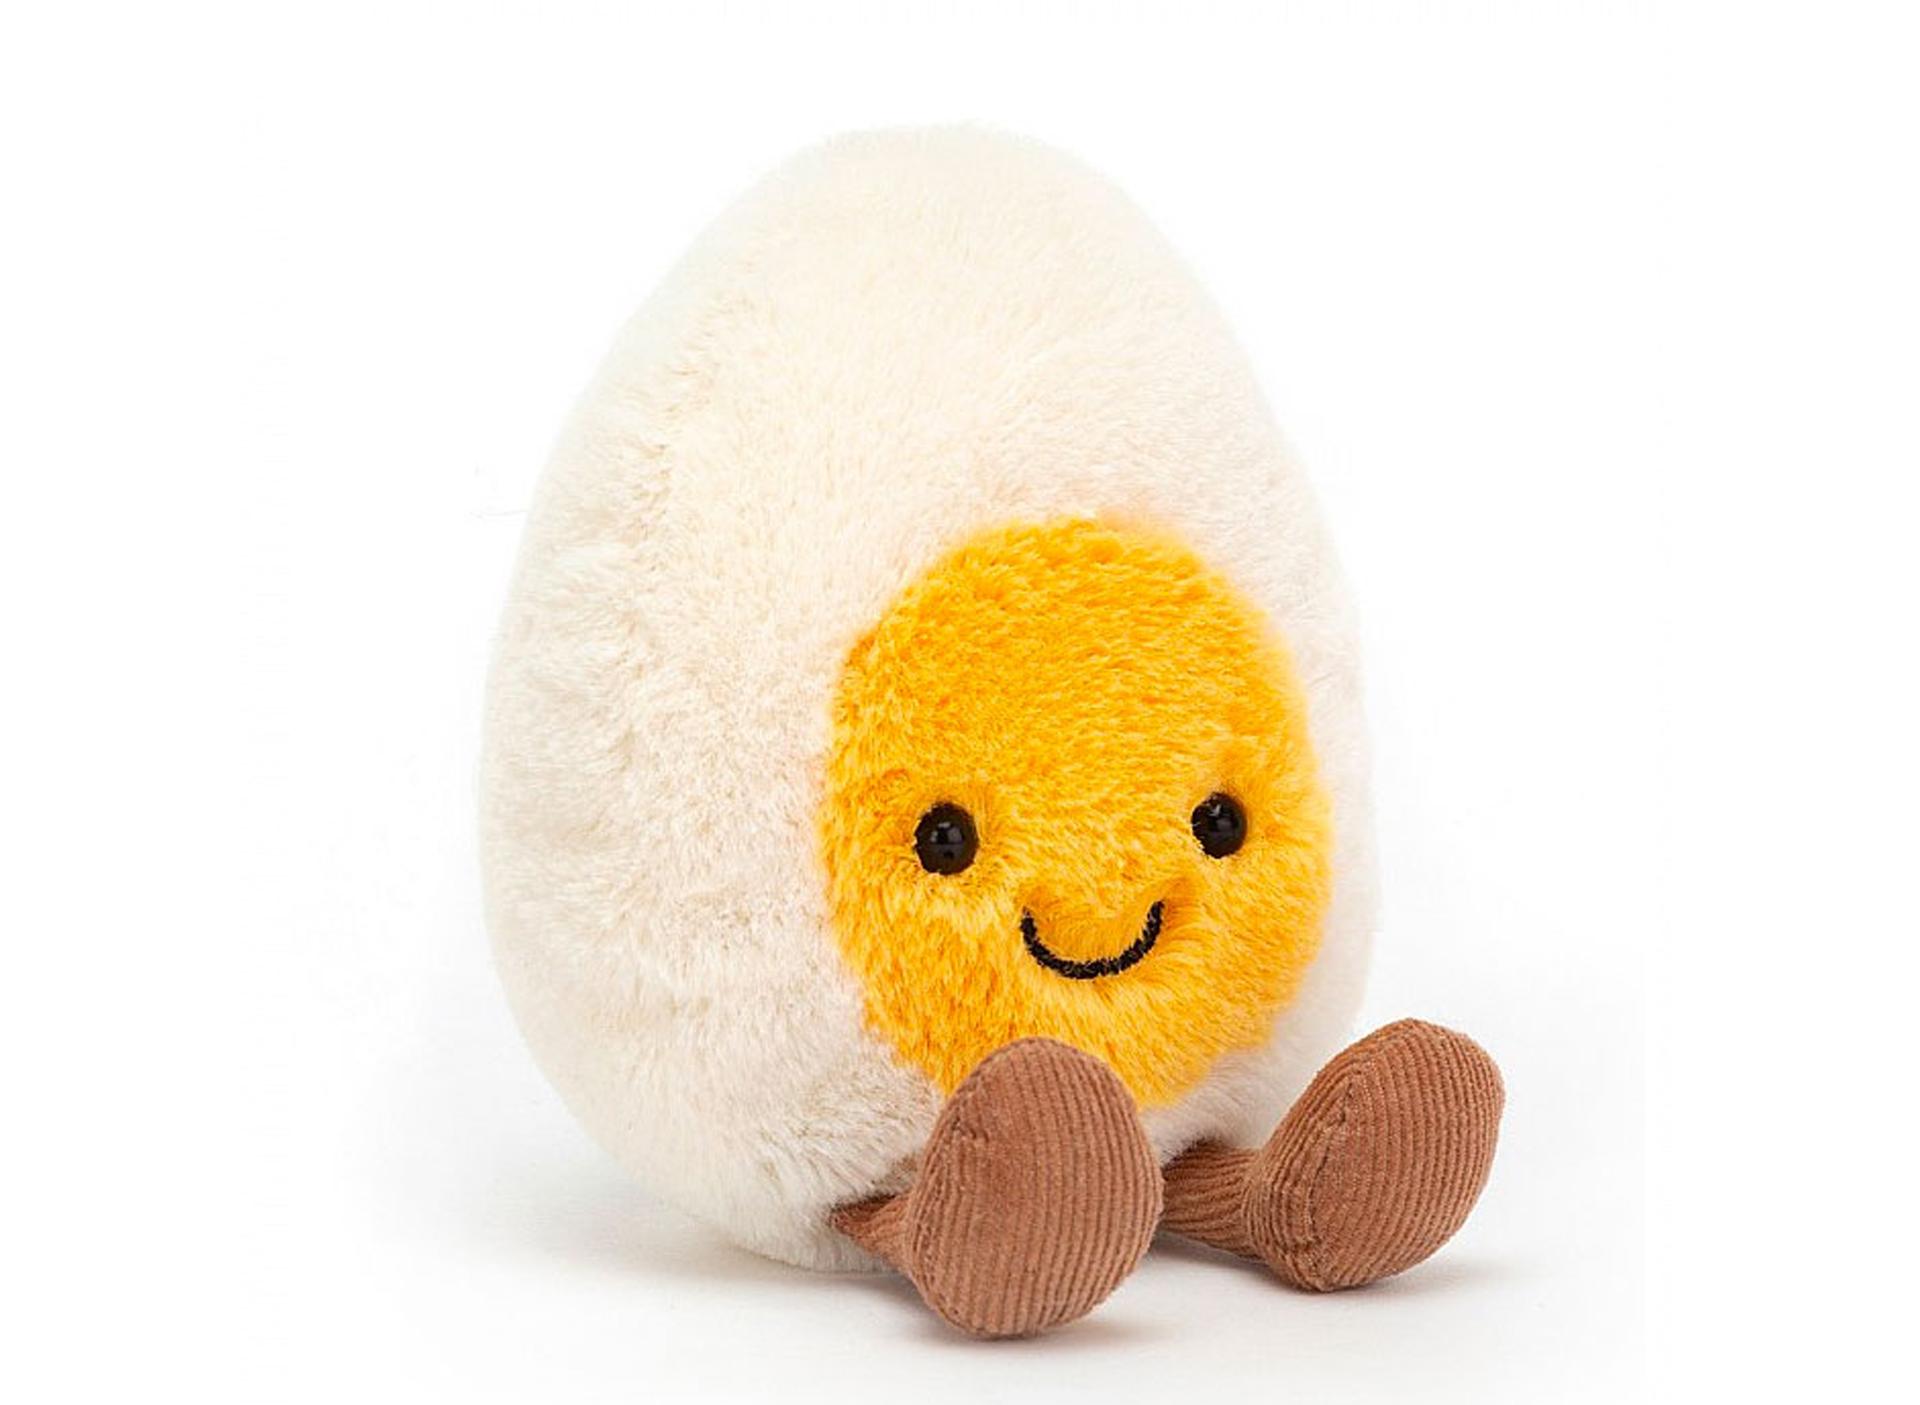 Funny Boiled Egg